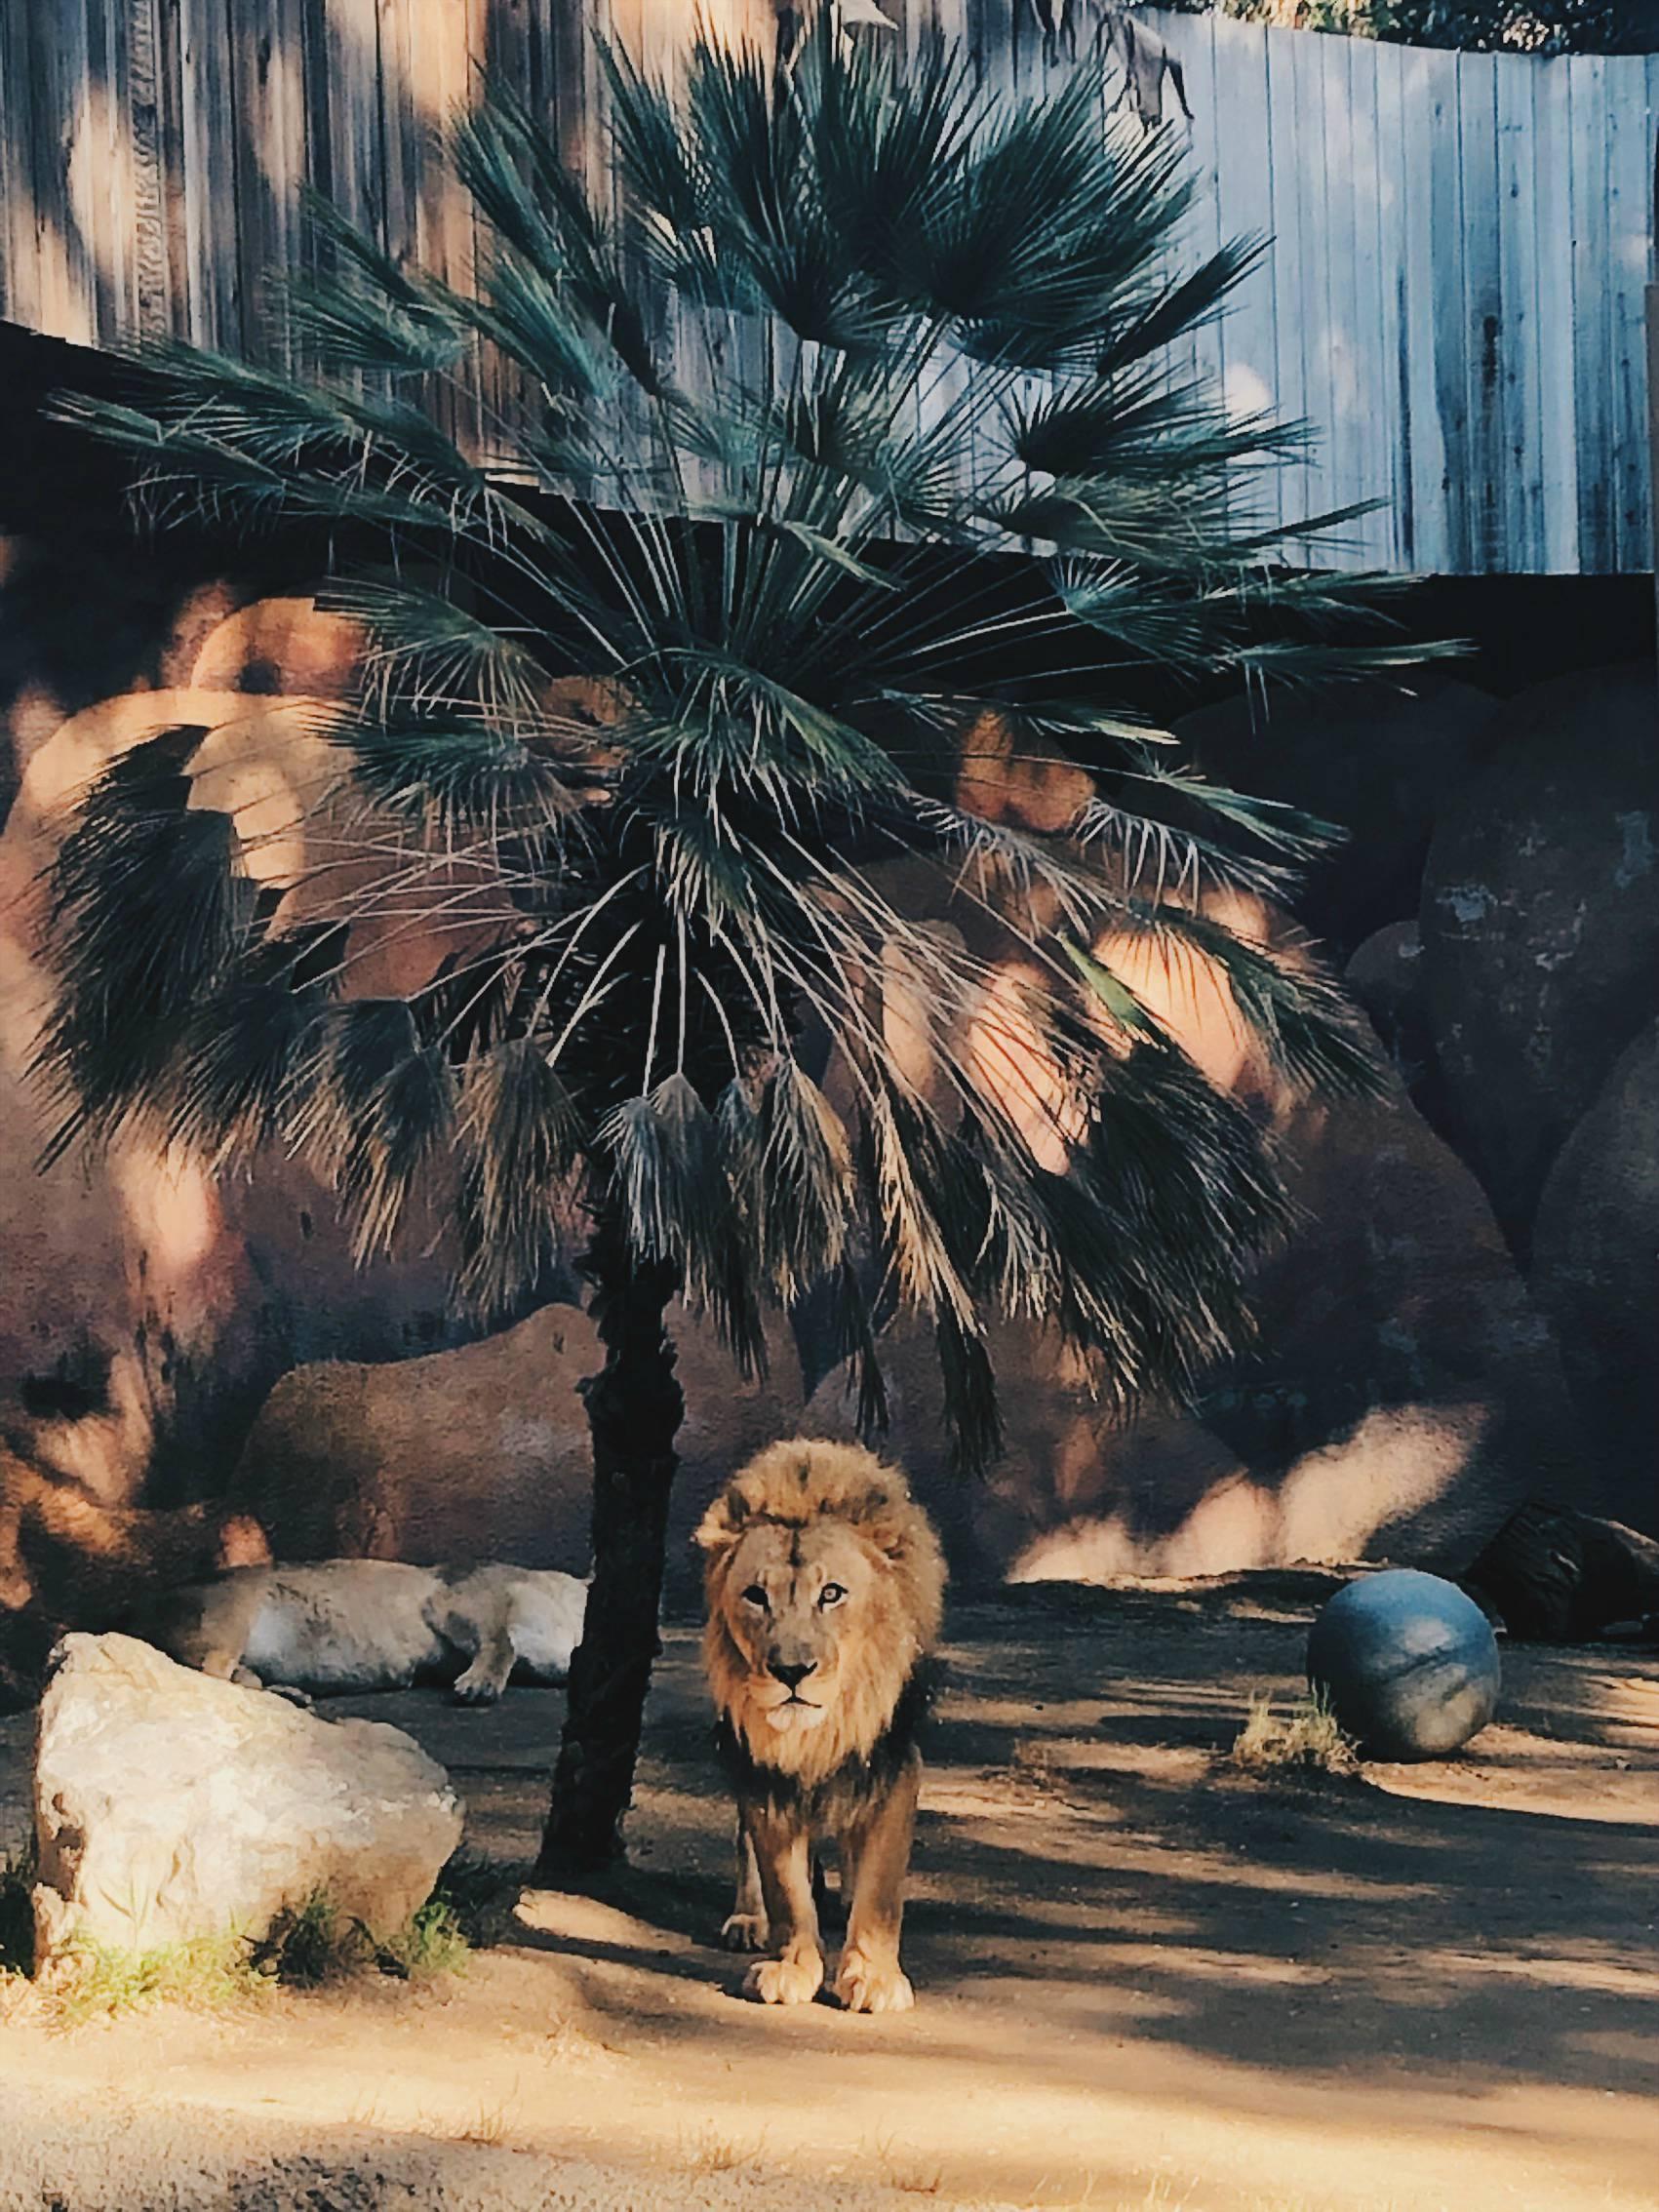 Leijona herra heräsi juuri kun tulimme paikalle ja hetken tuijotimme toisiamme silmästä silmään.